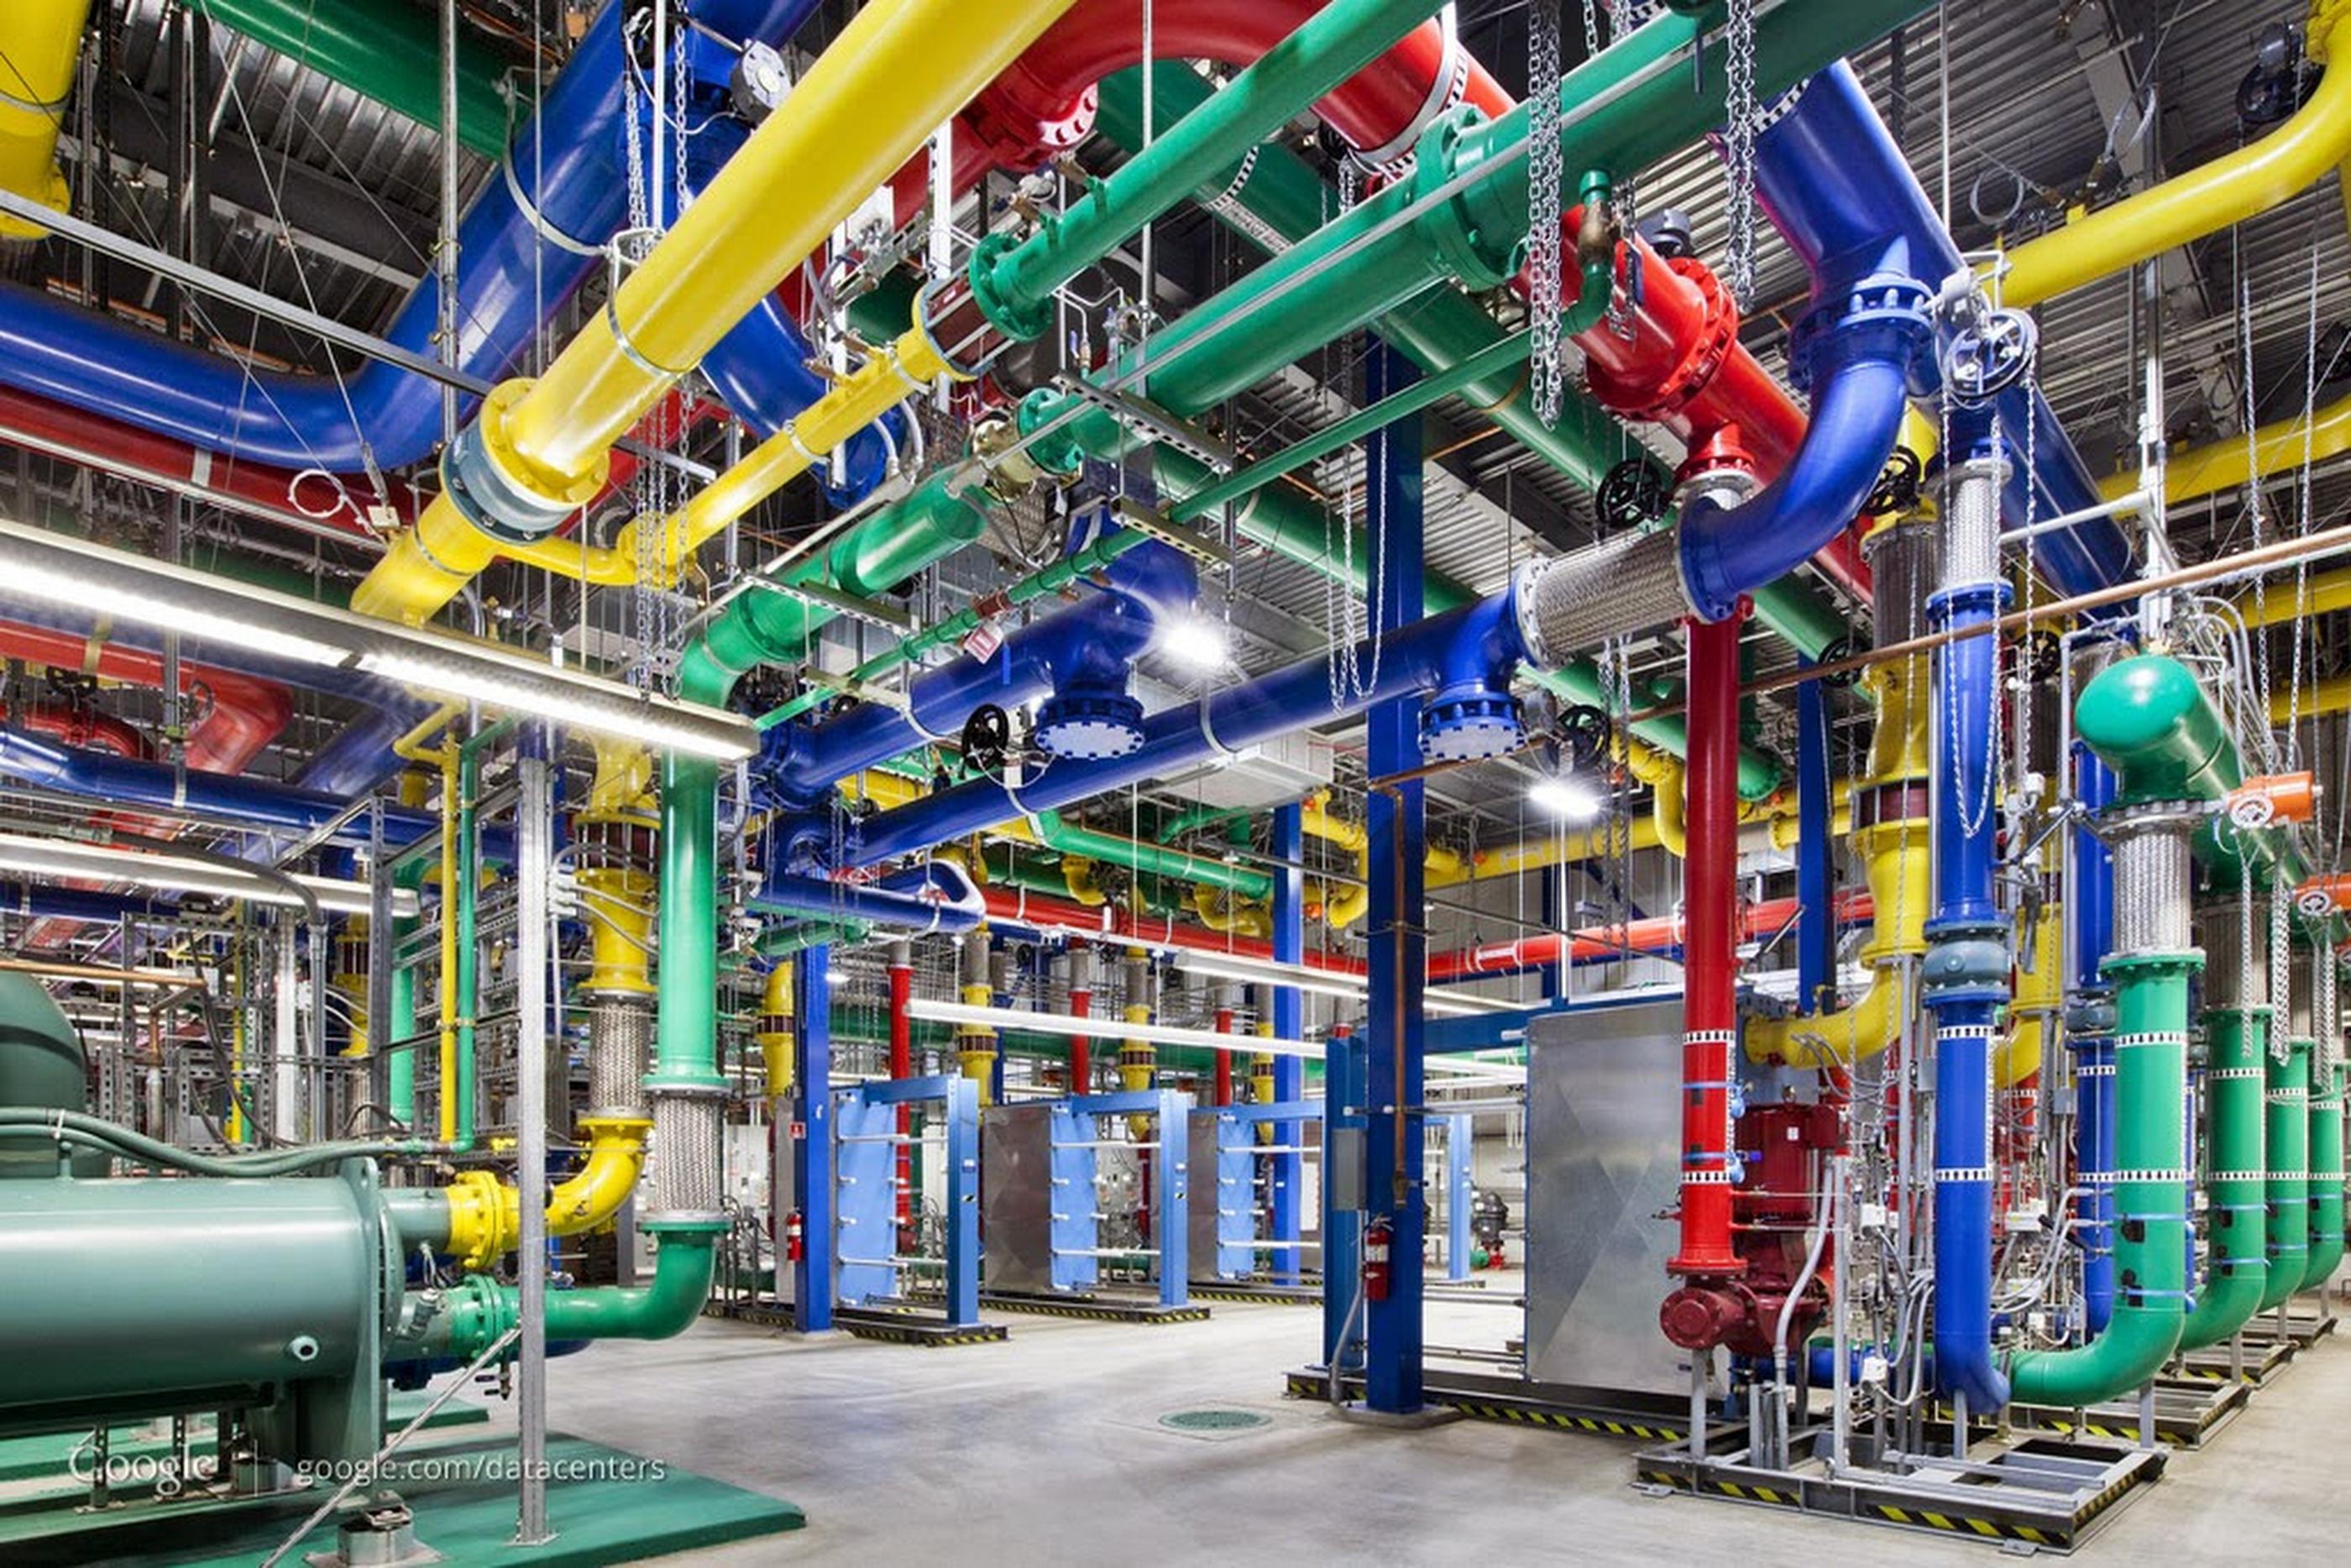 google-datacenter-tech-05.jpg